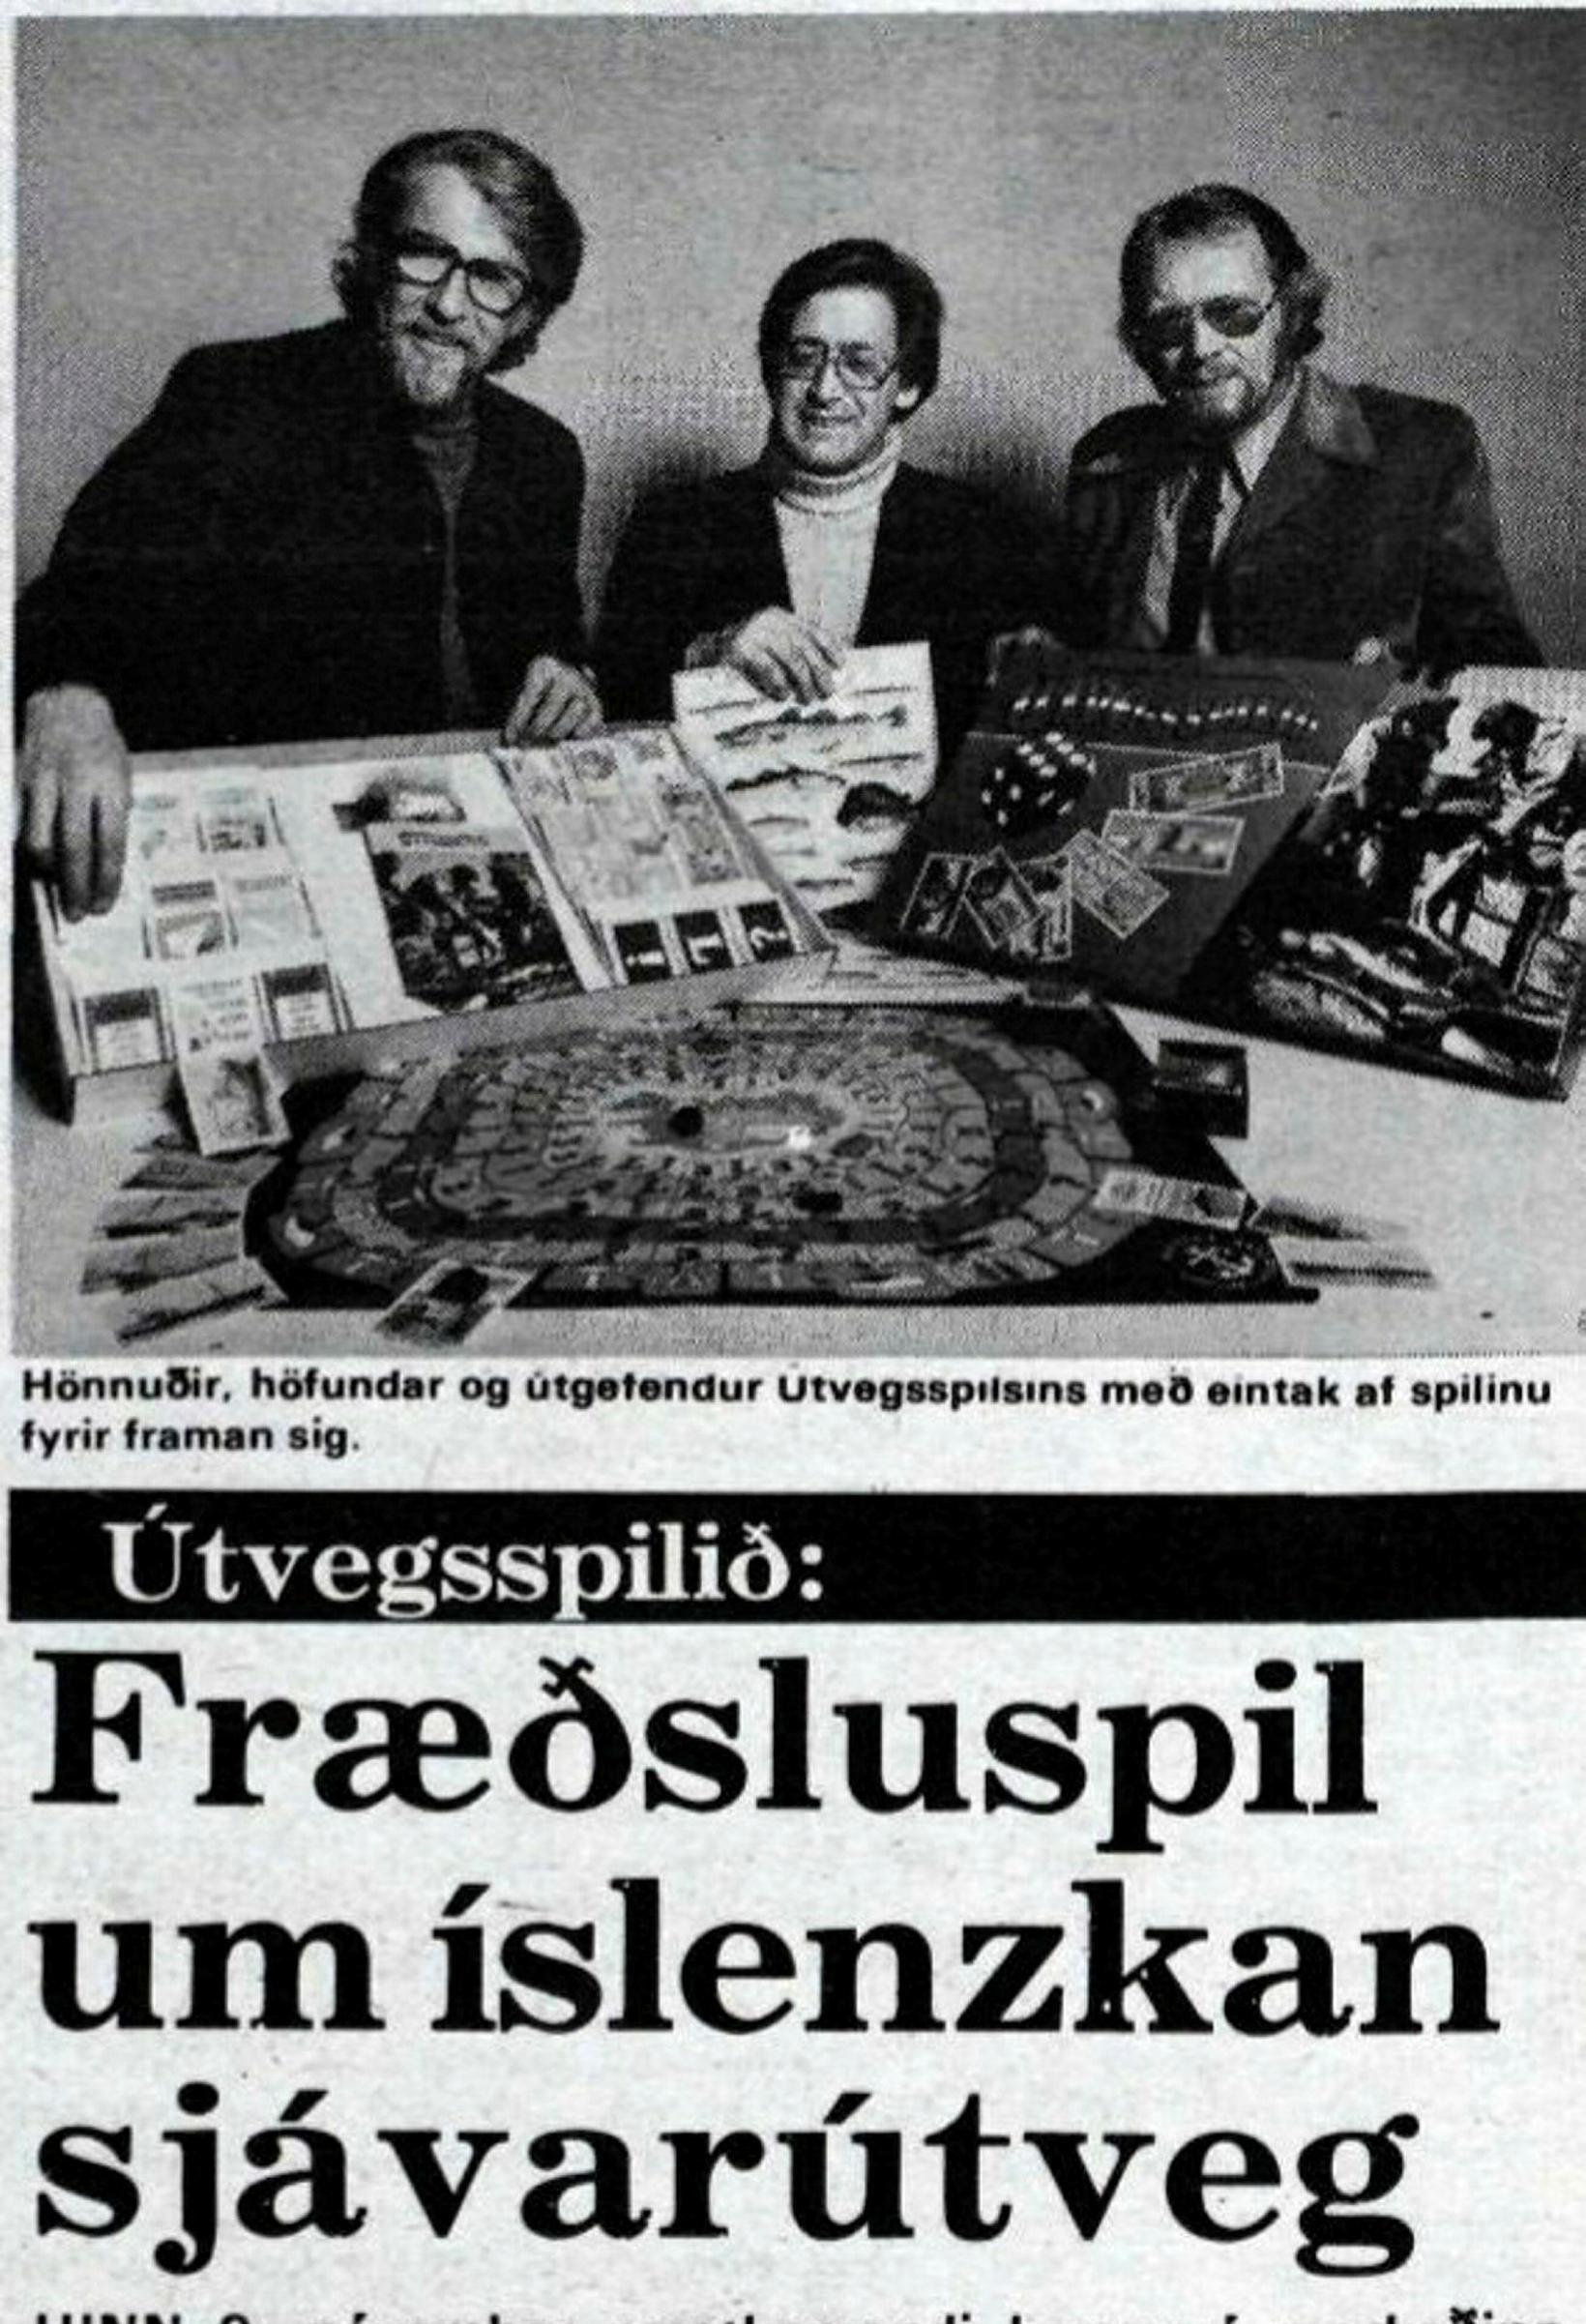 Útvegssðilið kom út fyrst 1977 og vakti talsverða athygli.